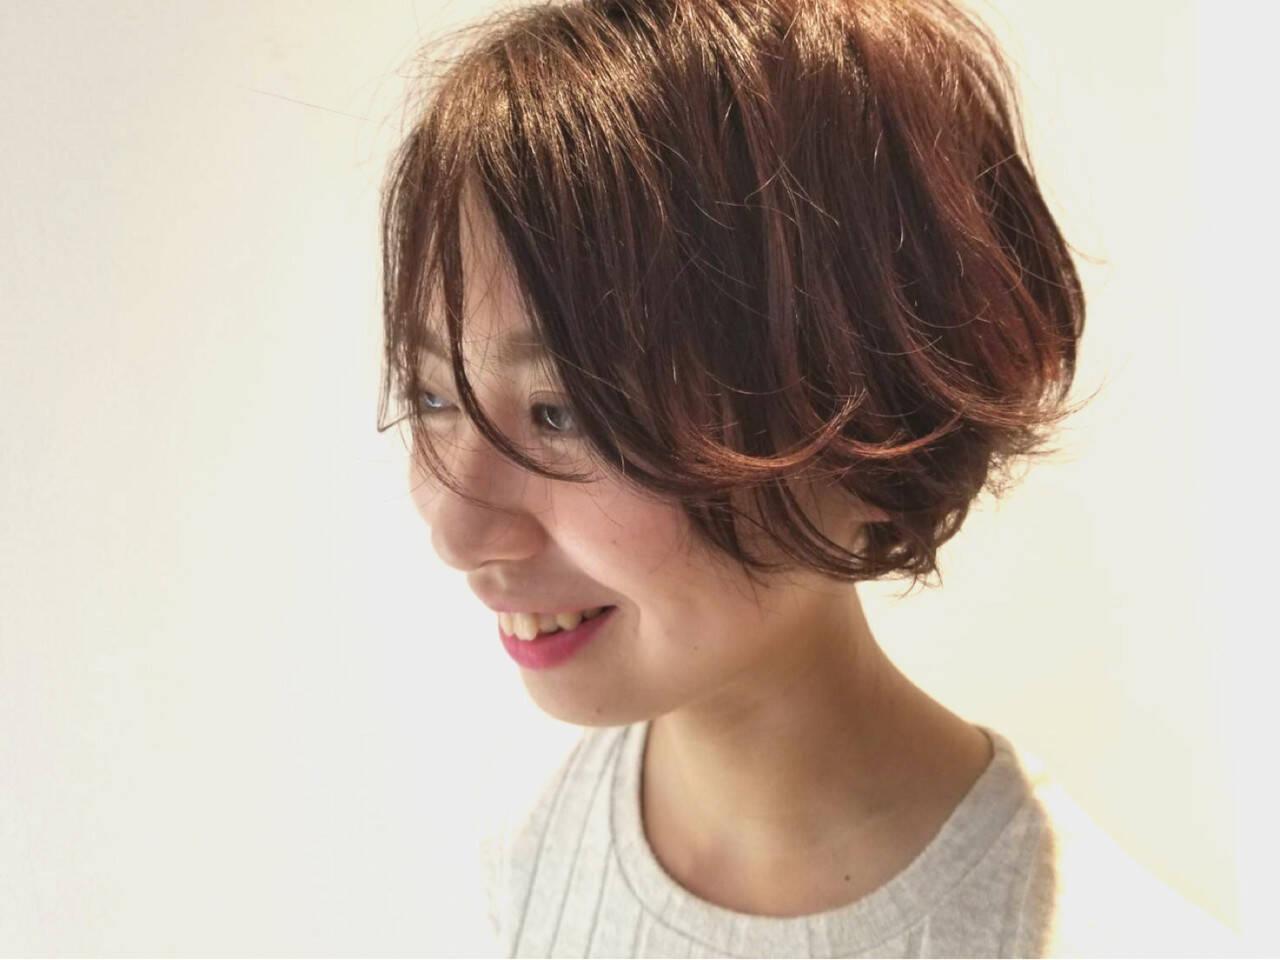 透明感 イルミナカラー ハンサムショート アディクシーカラーヘアスタイルや髪型の写真・画像